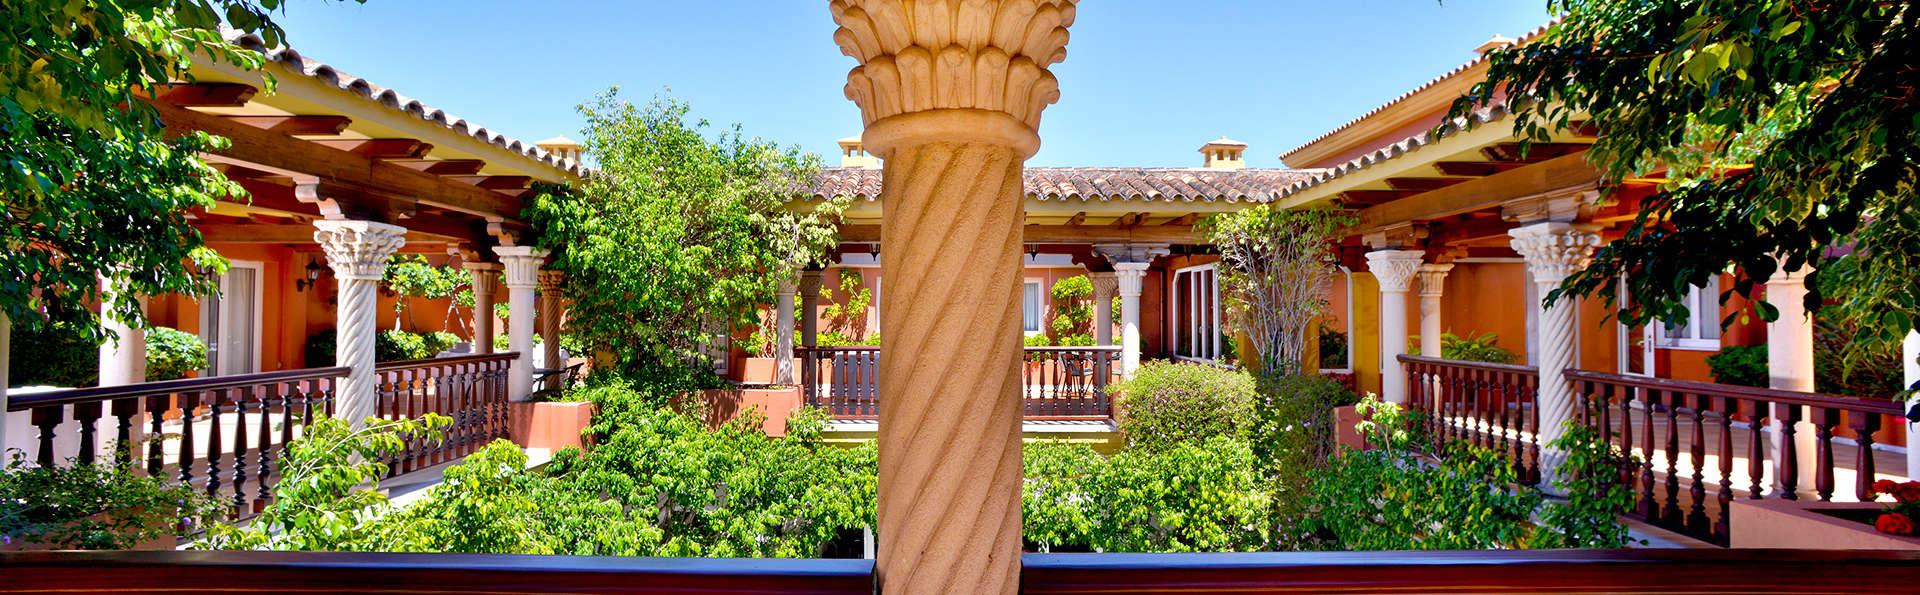 Découvrez la Costa de la Luz dans un hôtel au style typiquement andalou